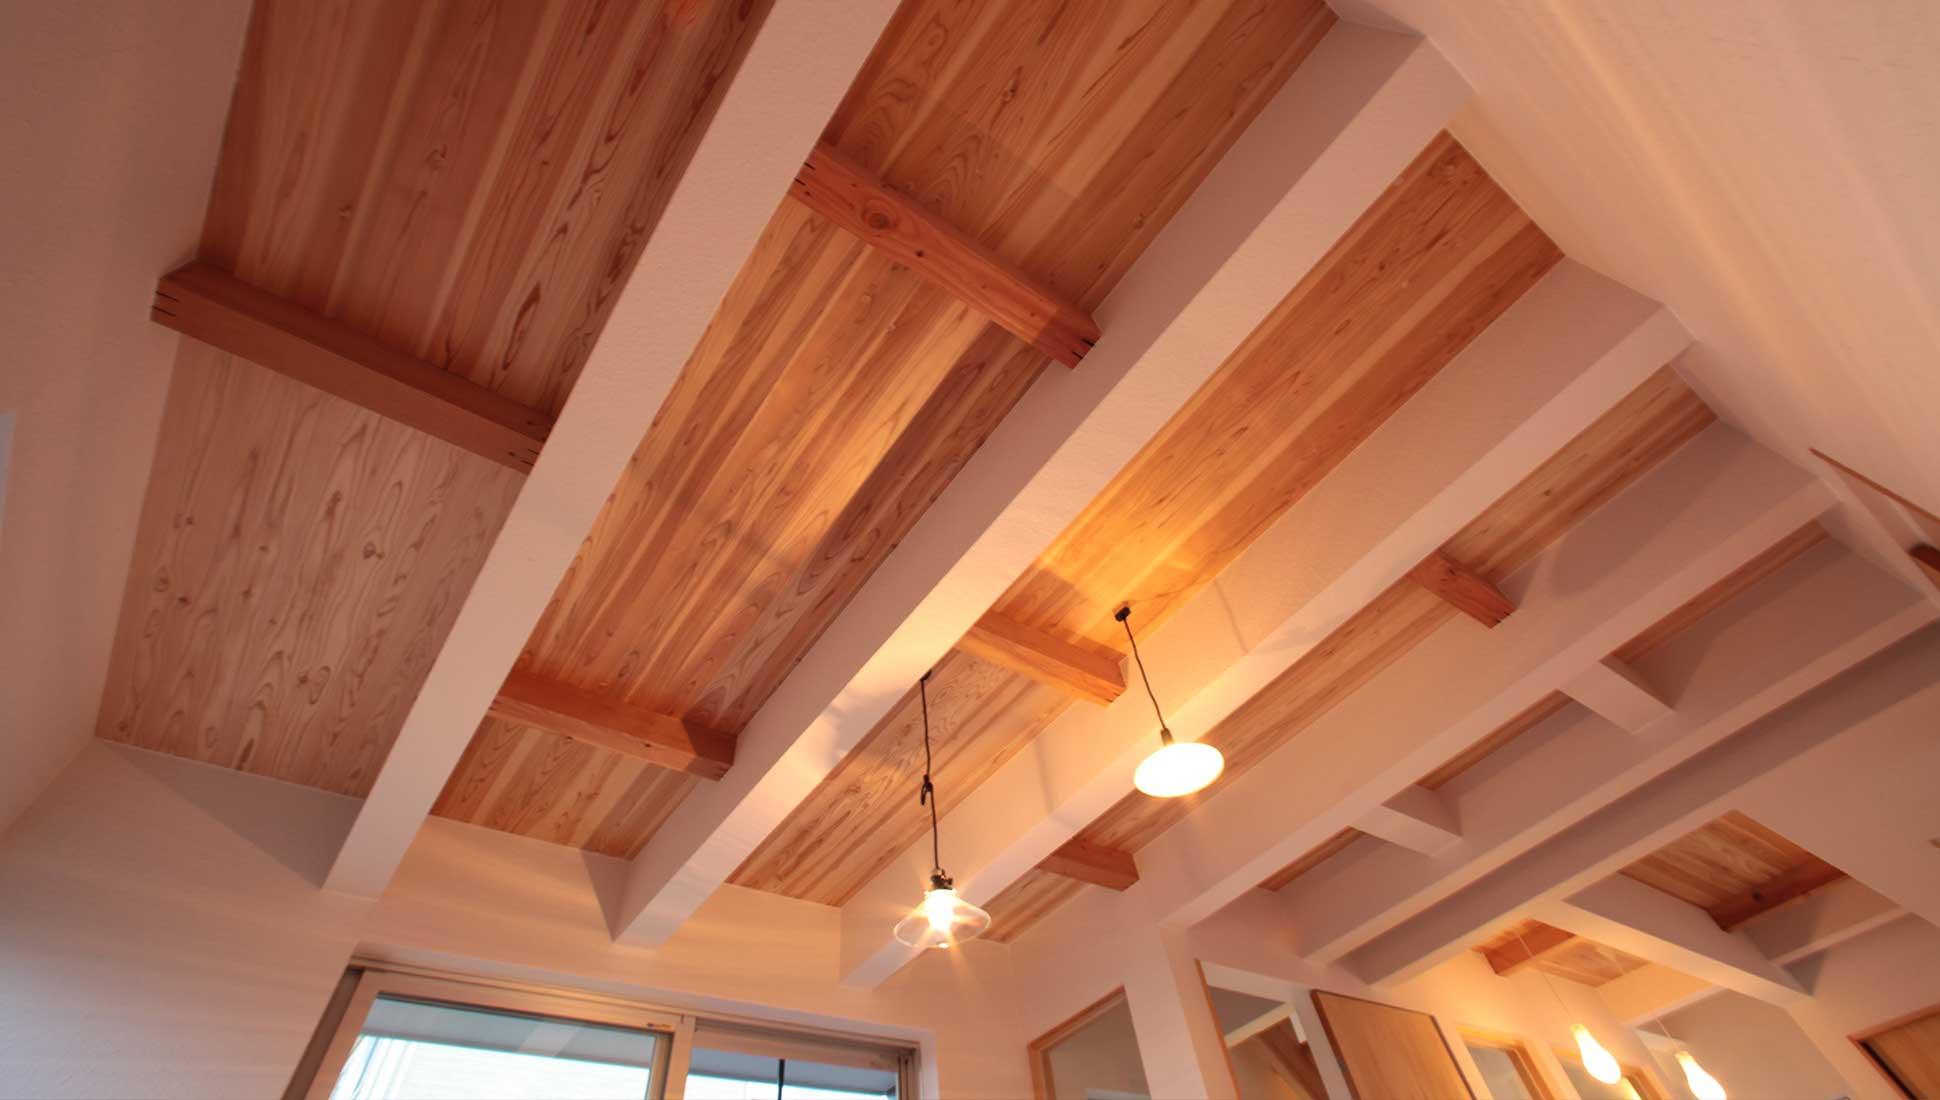 Jパネルの木目のきれいな天井のデザイン:Jパネルと南側階段のデザイン住宅